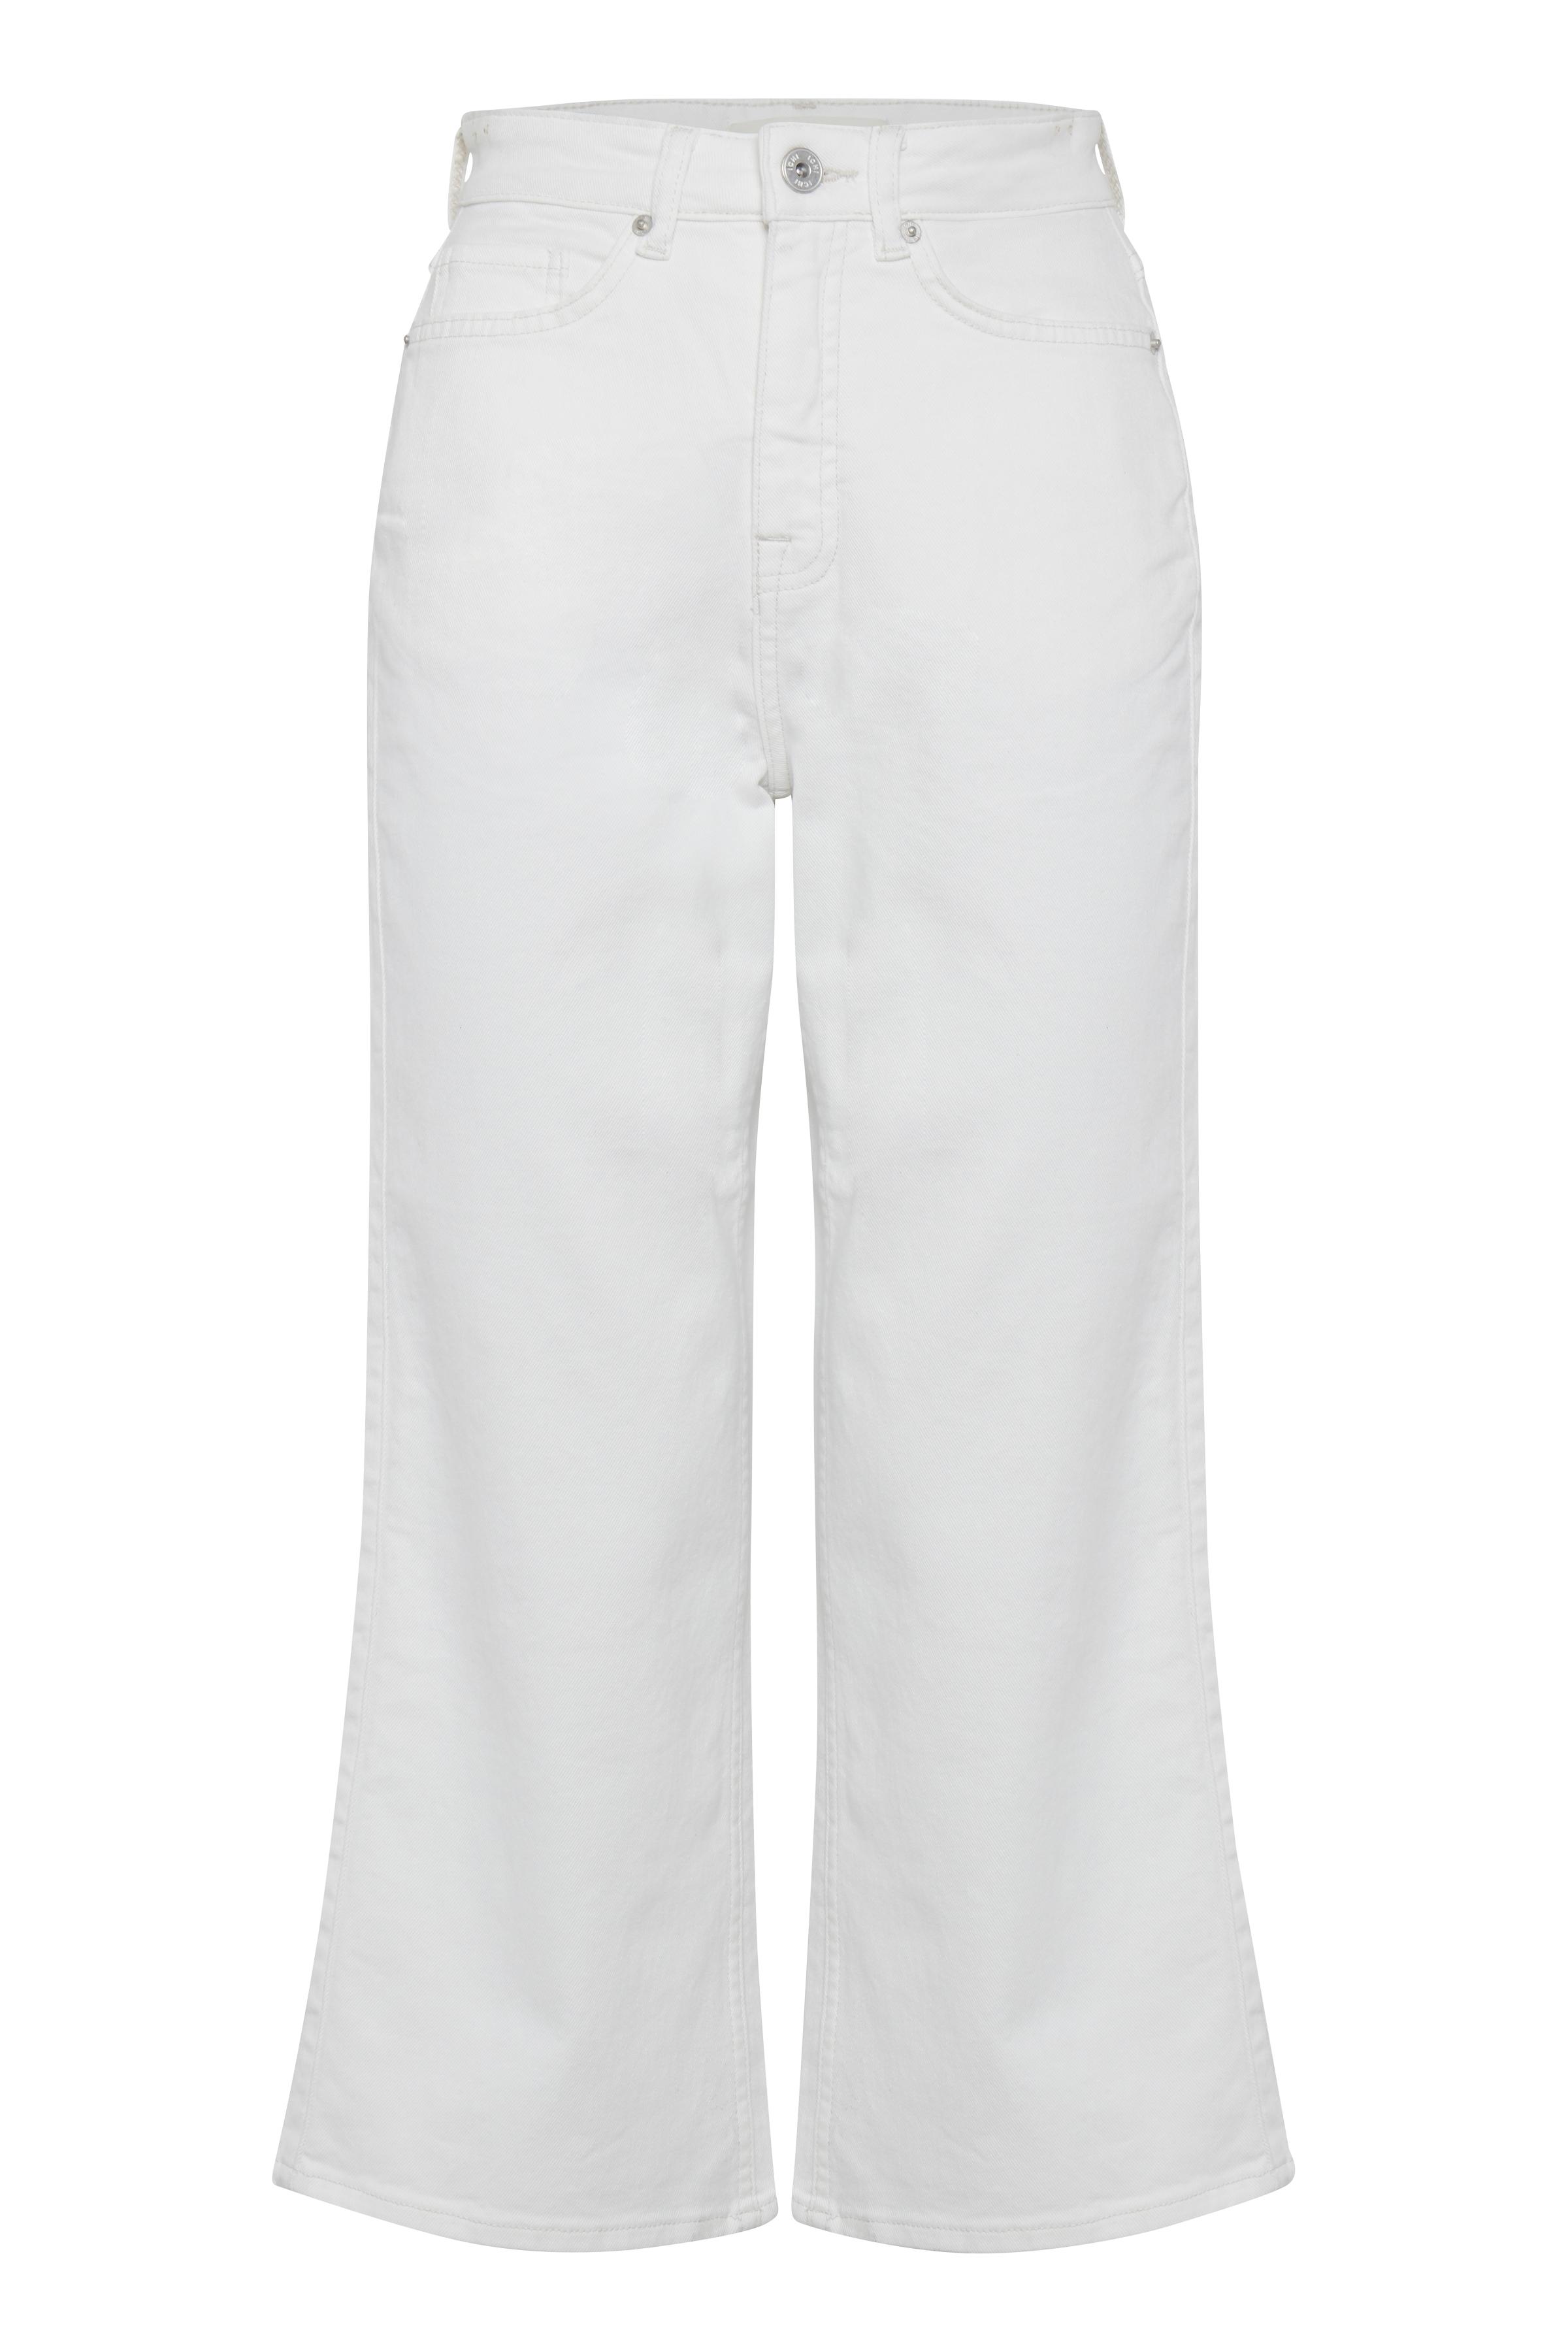 White Swan as sample